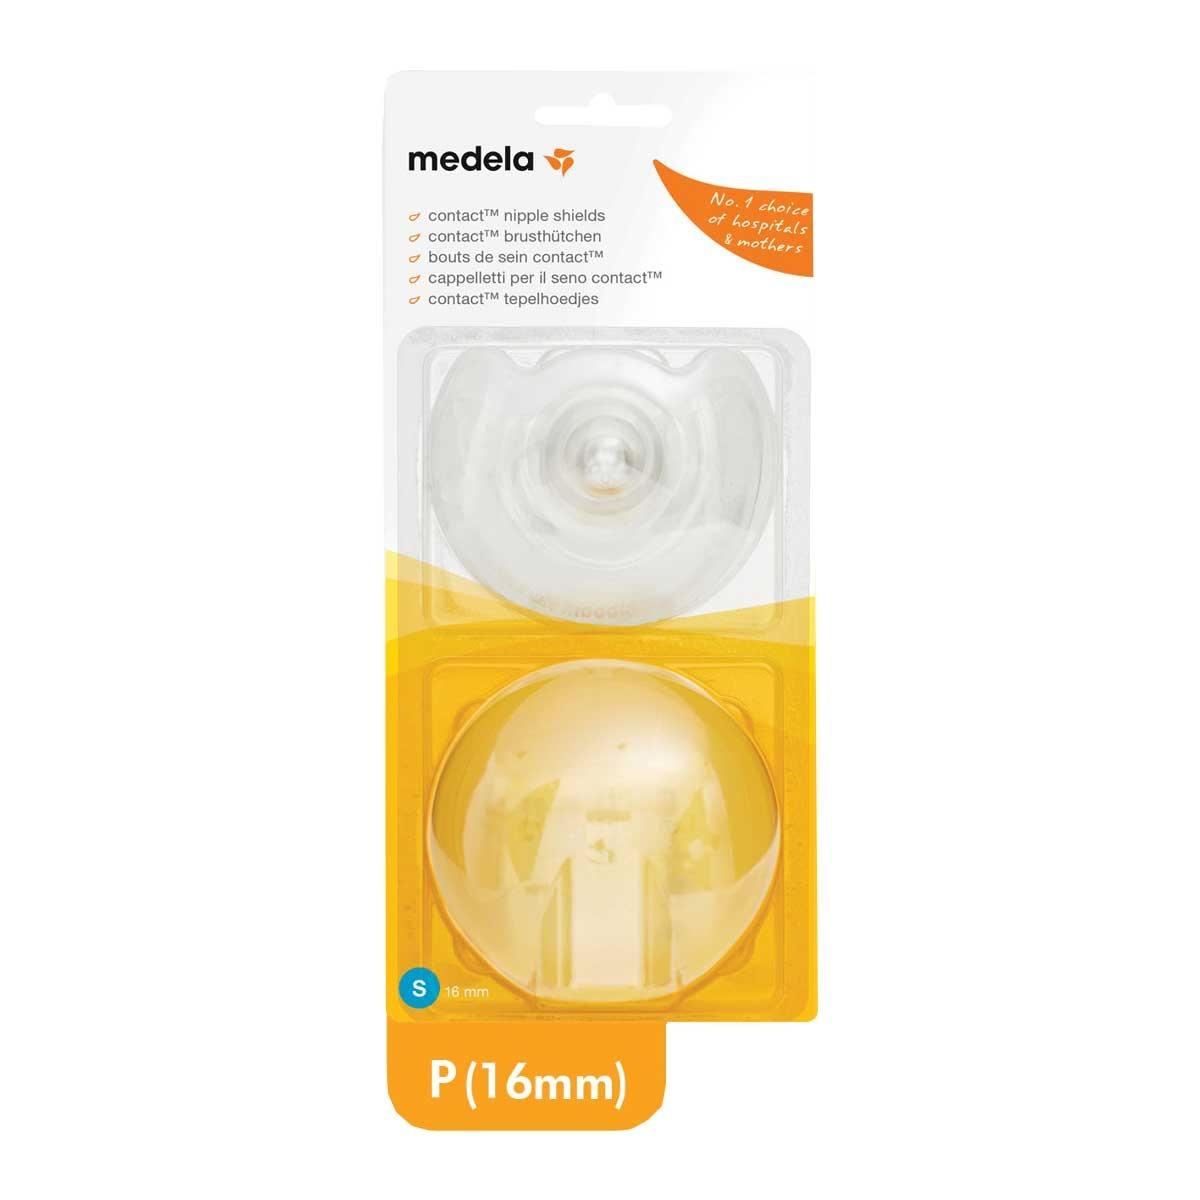 Protetor de Mamilo de Silicone Medela P 16mm 2 Unidades 2 Unidades